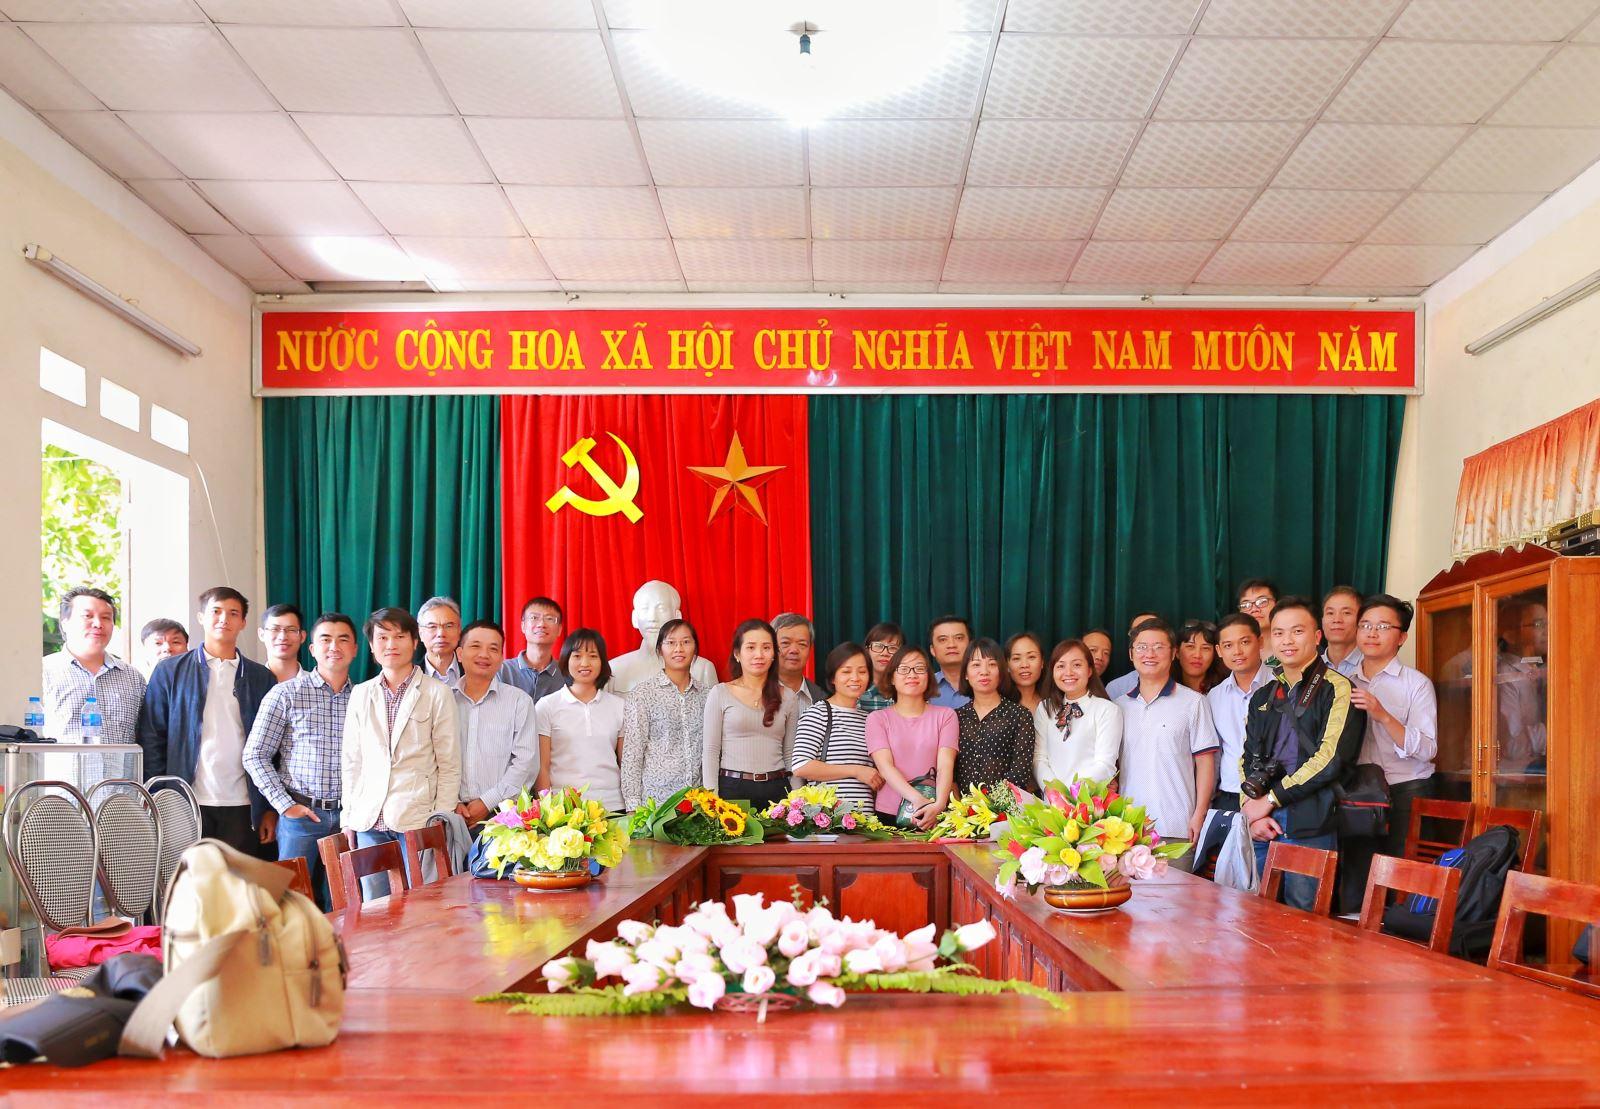 """Chương trình """"Diễn đàn kinh tế"""" của Đài phát thanh VOV phỏng vấn Viện trưởng TS. Nguyễn Trường Thắng"""